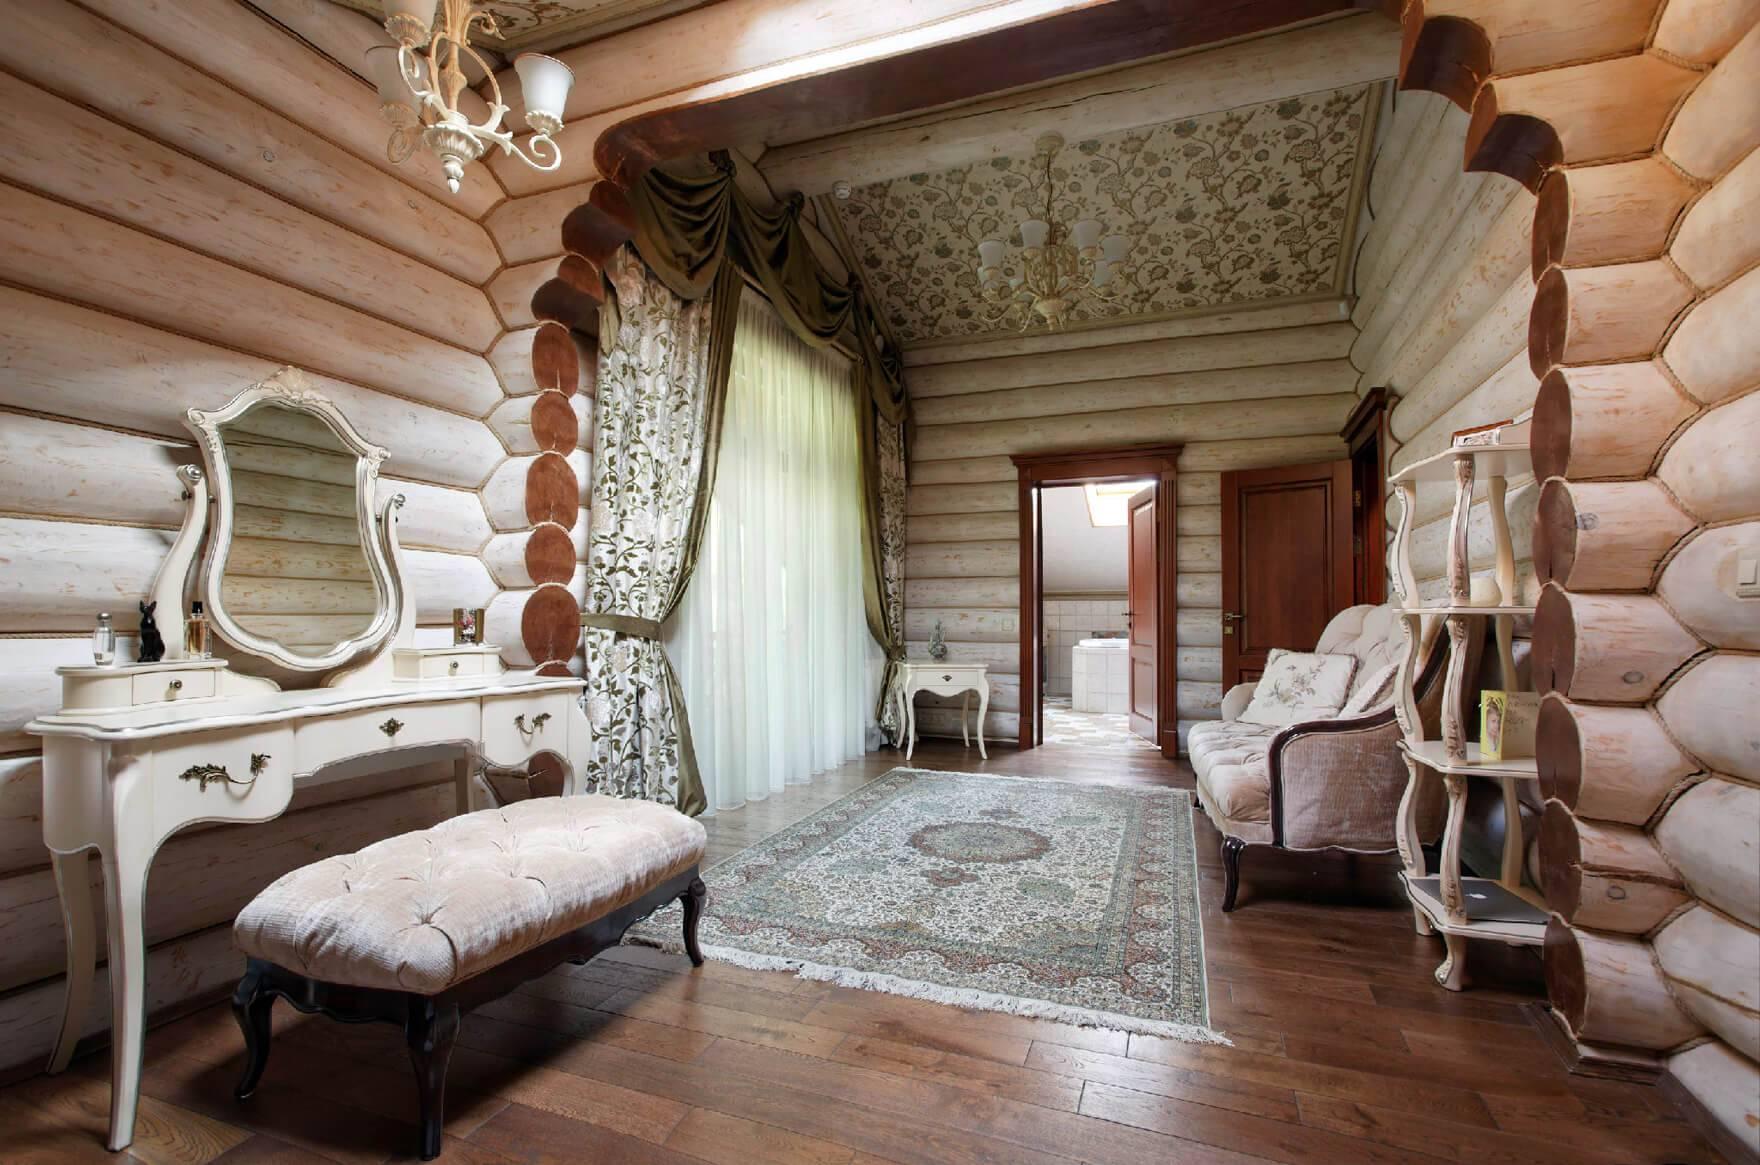 Интерьер деревянного дома - 21 фото современного дизайна.